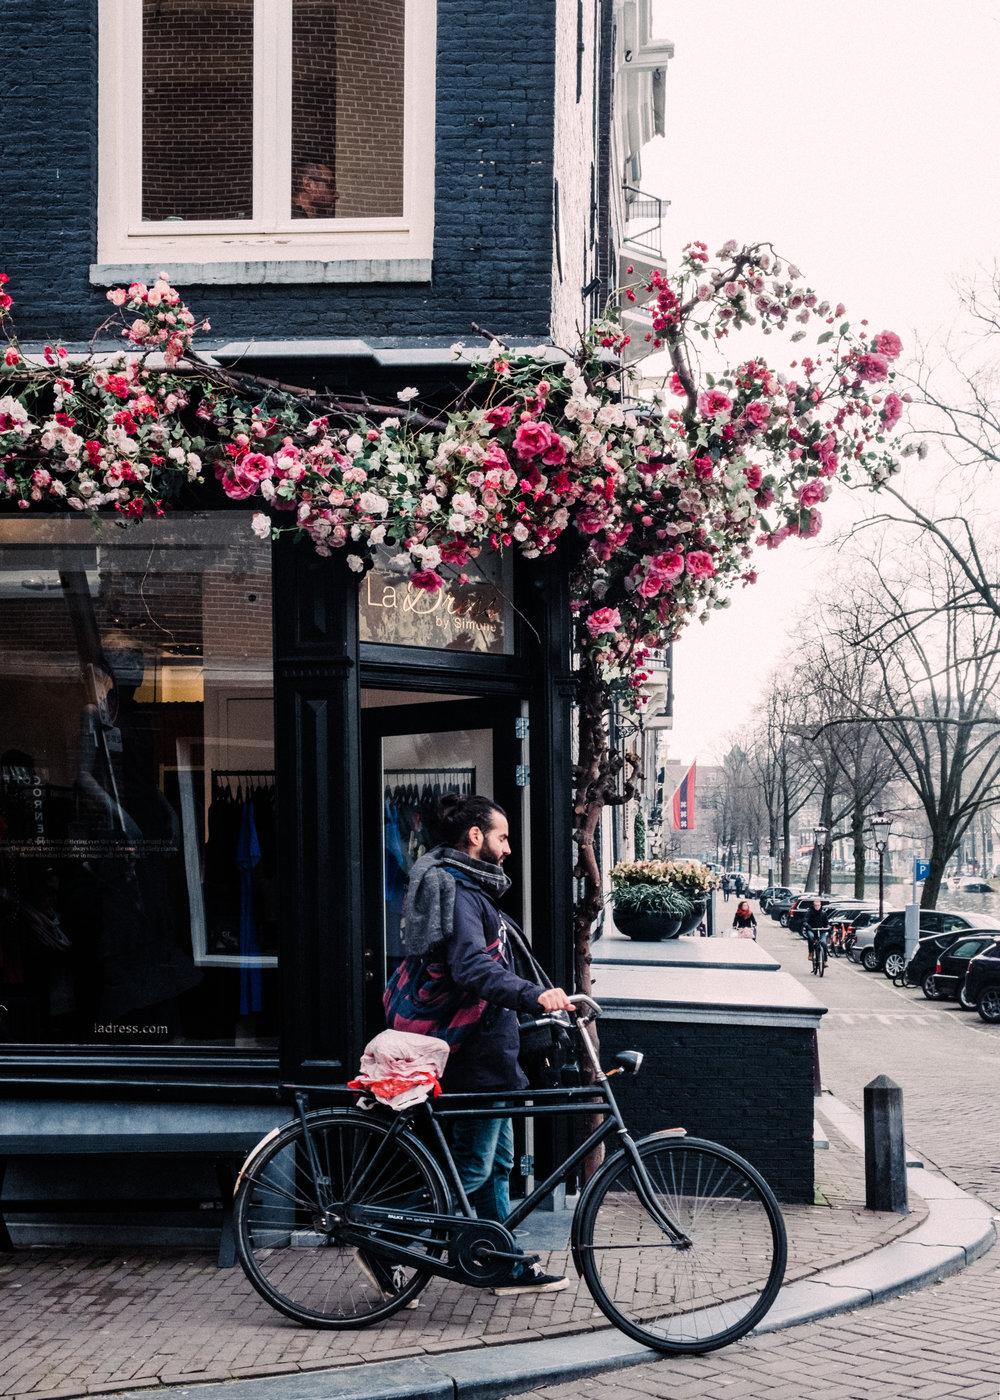 bikesandflowers.jpg